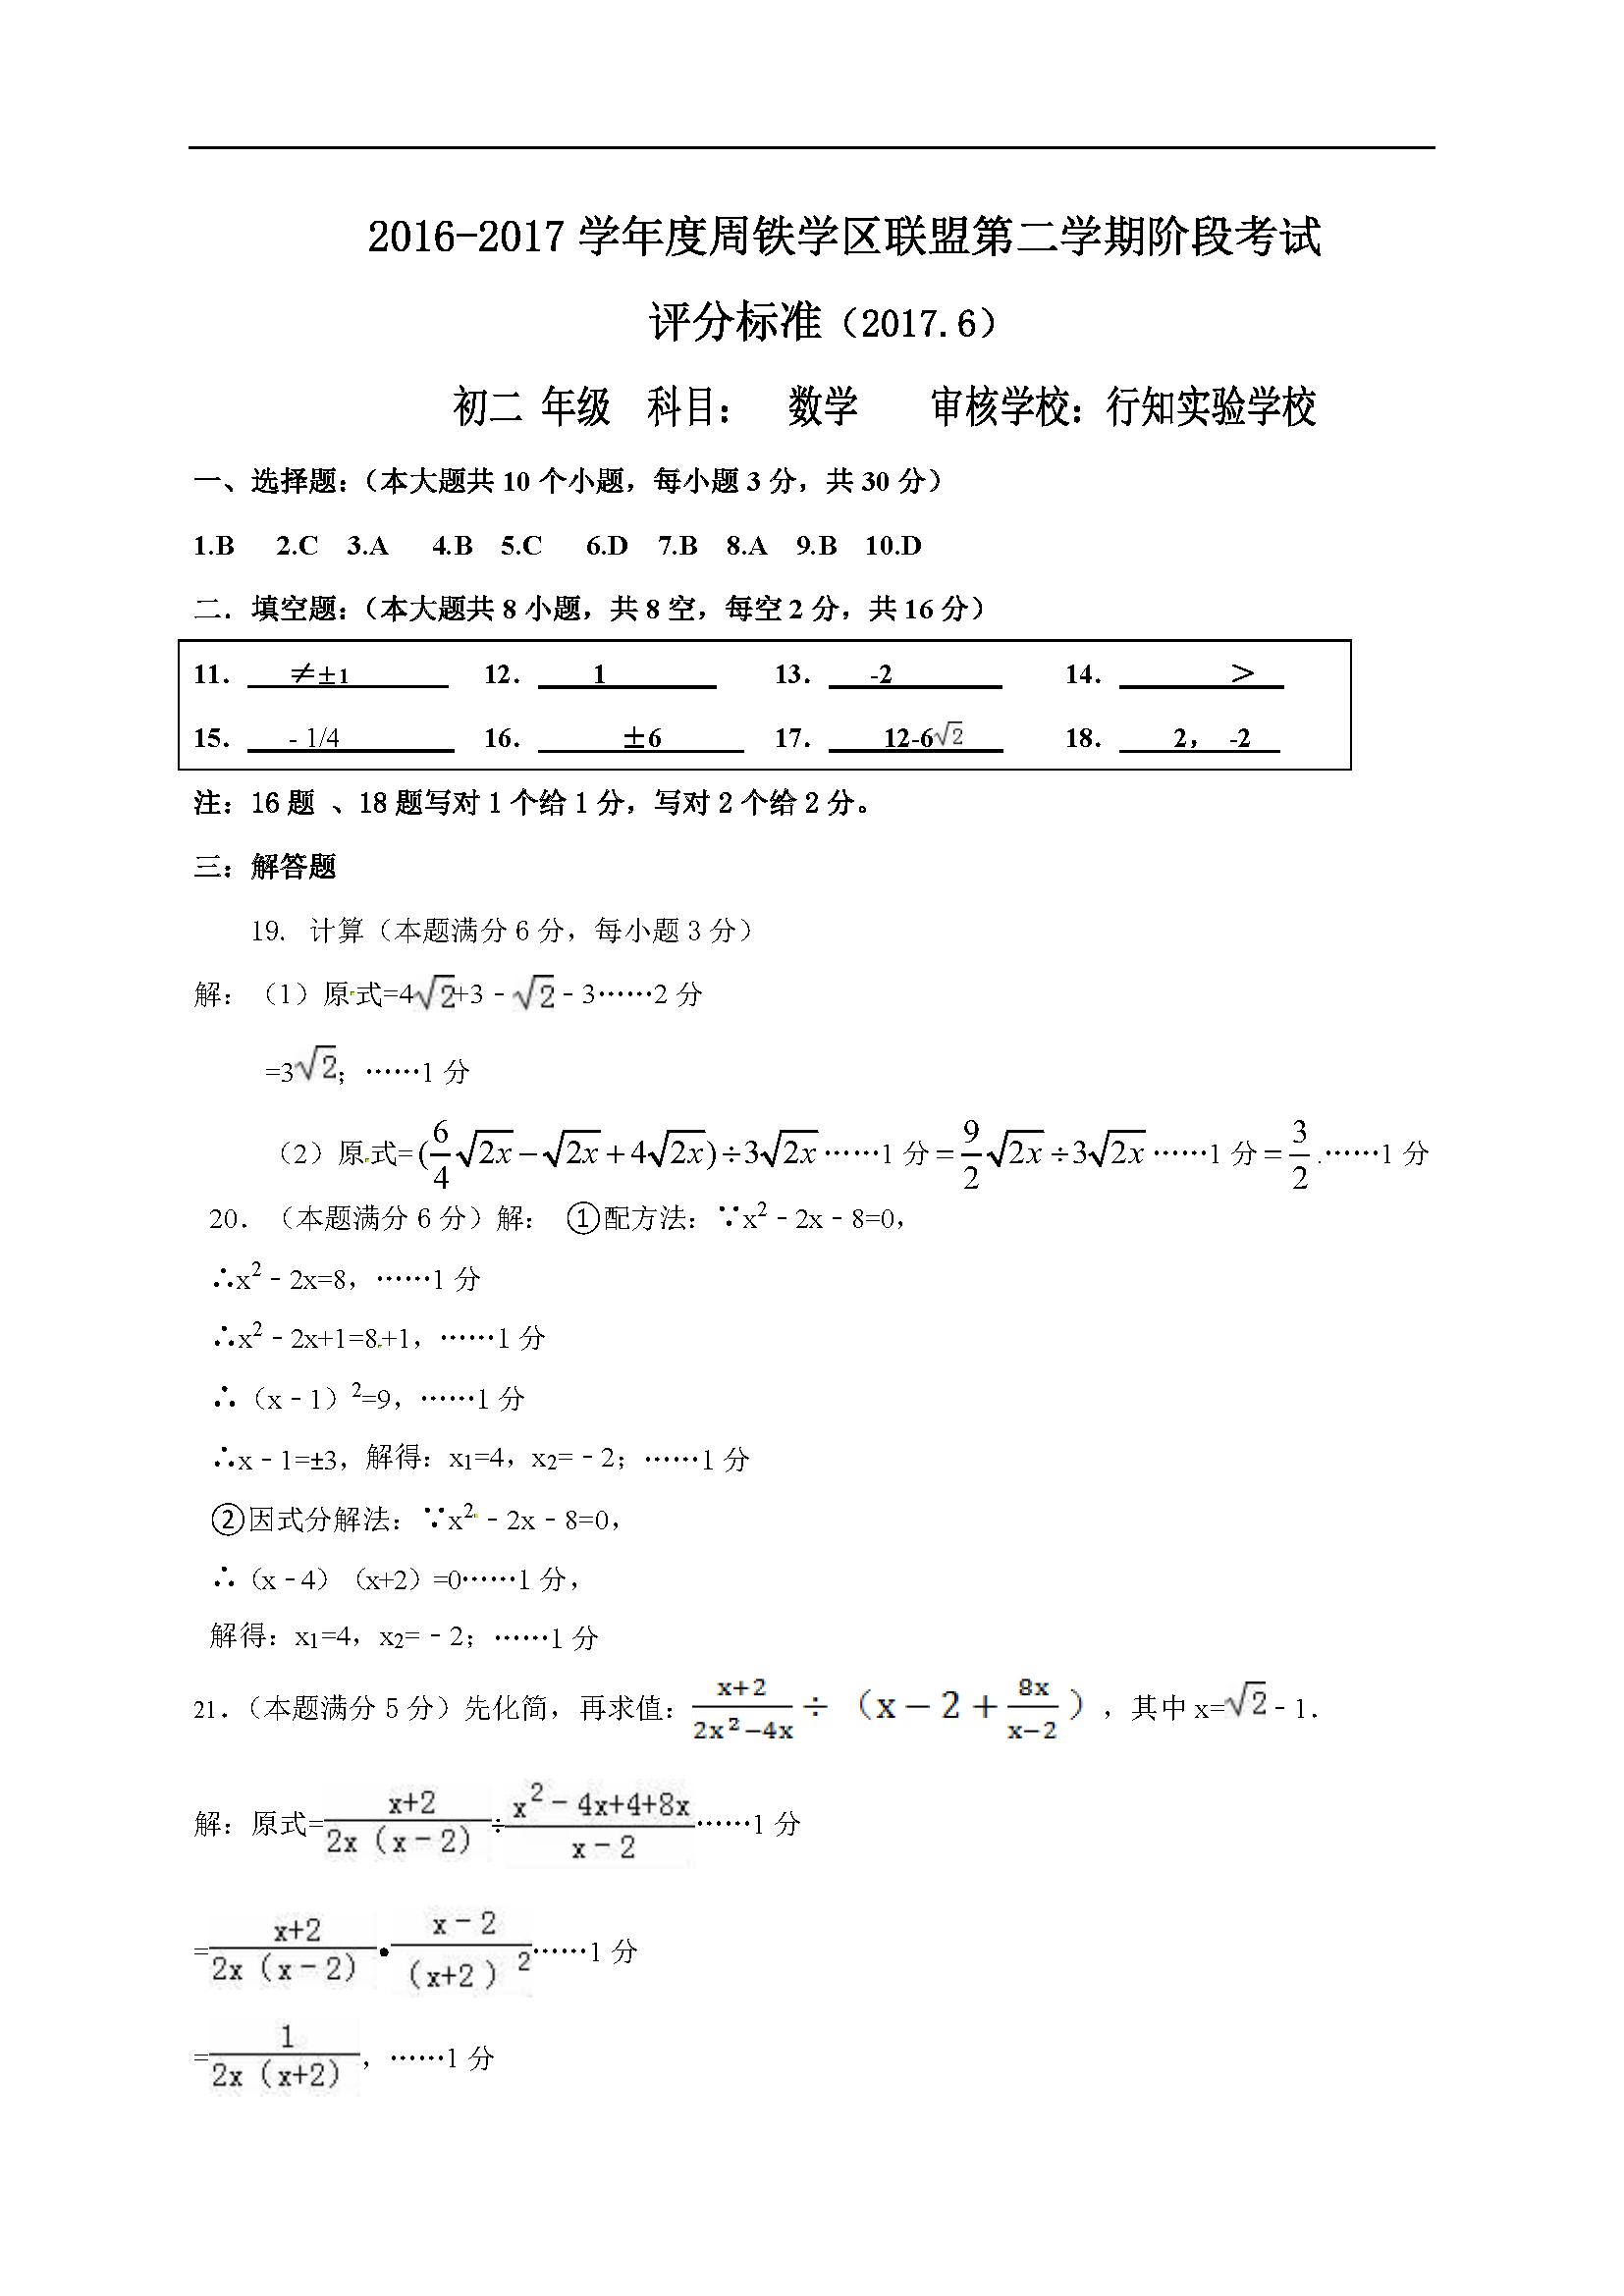 2017江苏无锡八年级下第二次阶段考试数学试题答案(图片版)